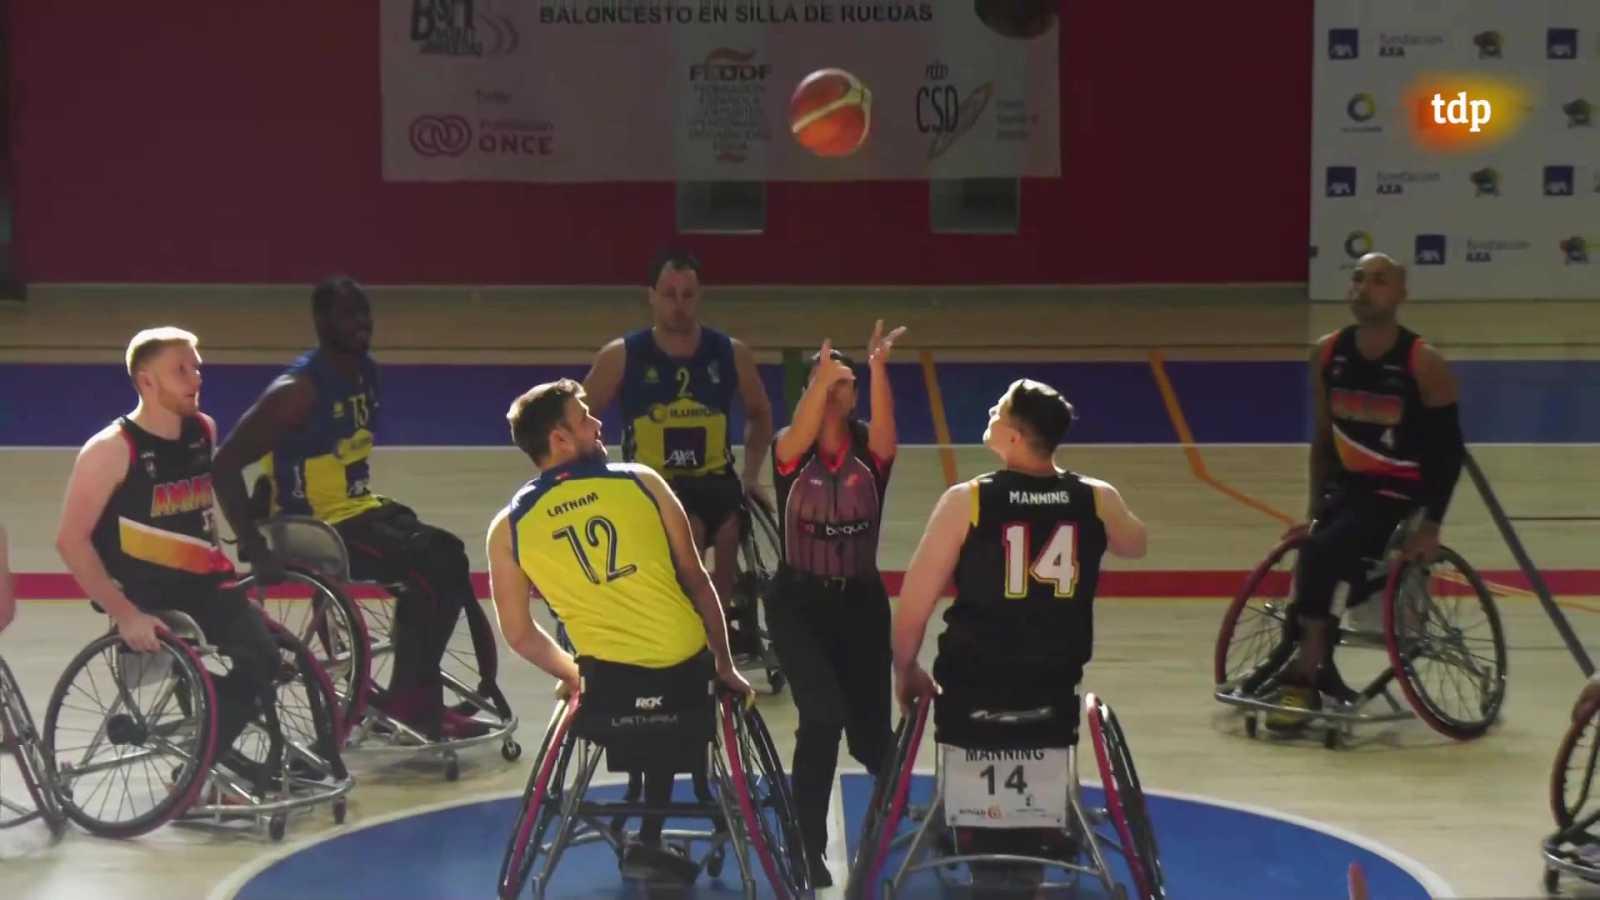 Baloncesto en silla de ruedas - Liga BSR División honor. Resumen jornada 19 - ver ahora